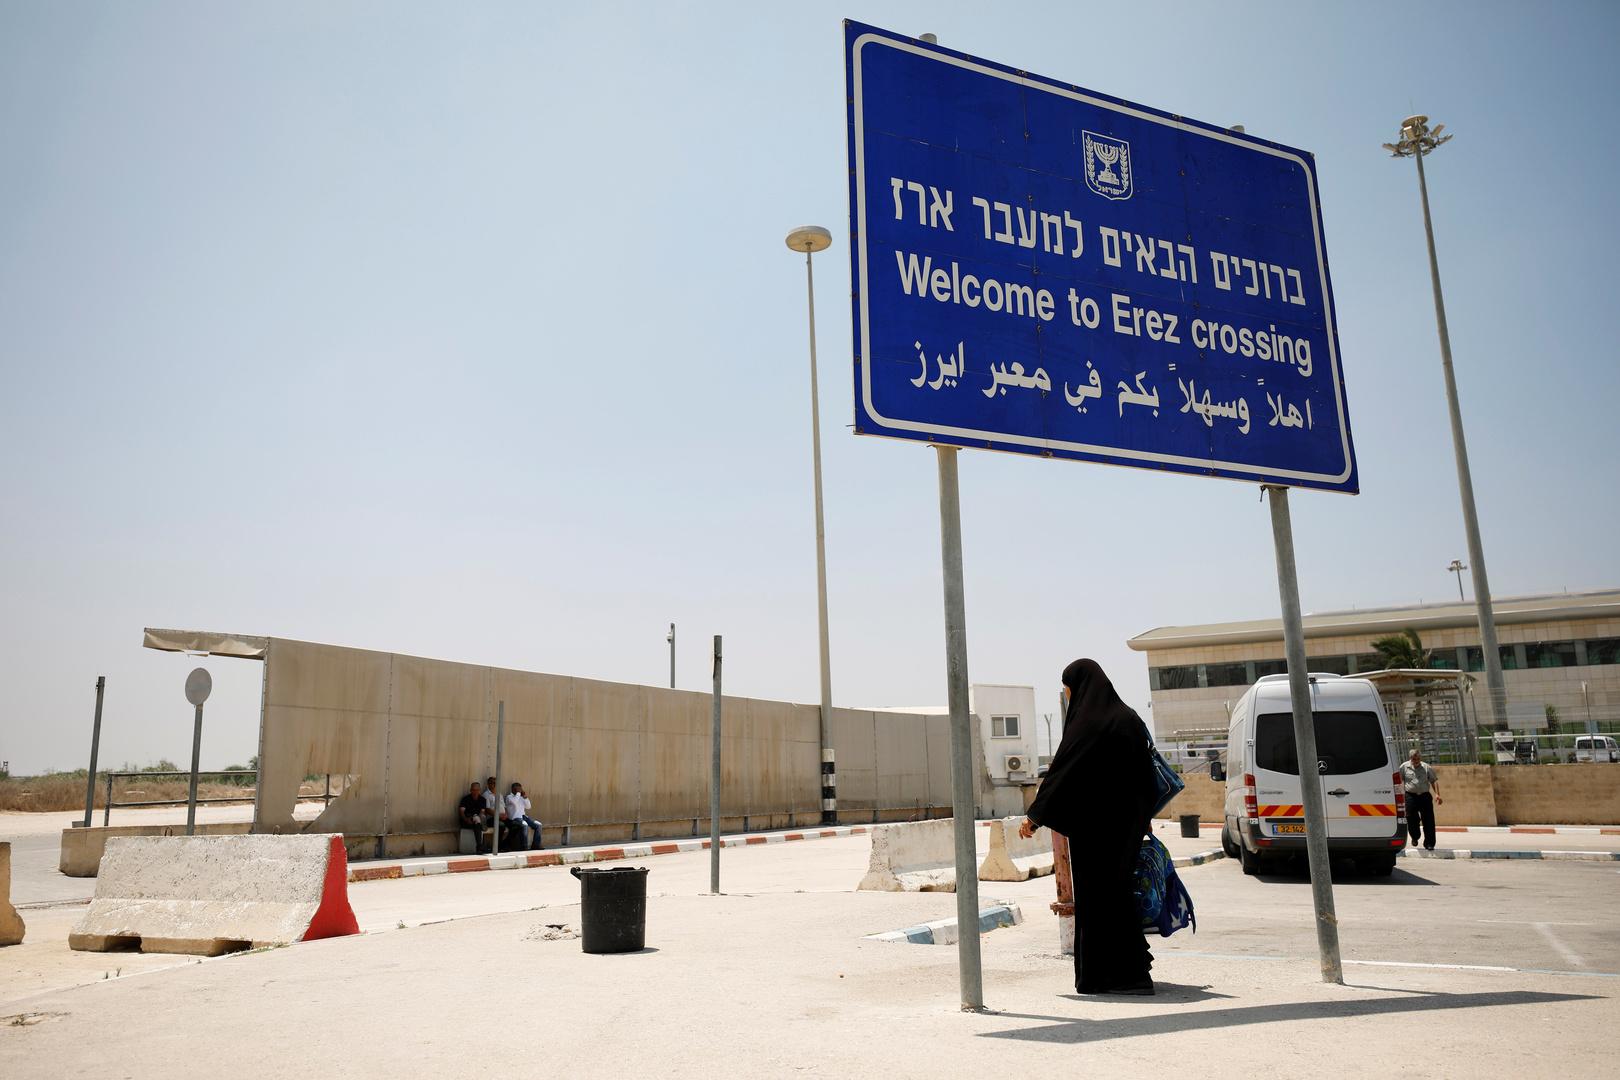 إسرائيل تحتجز مئات المركبات الحديثة وتمنع دخولها إلى غزة